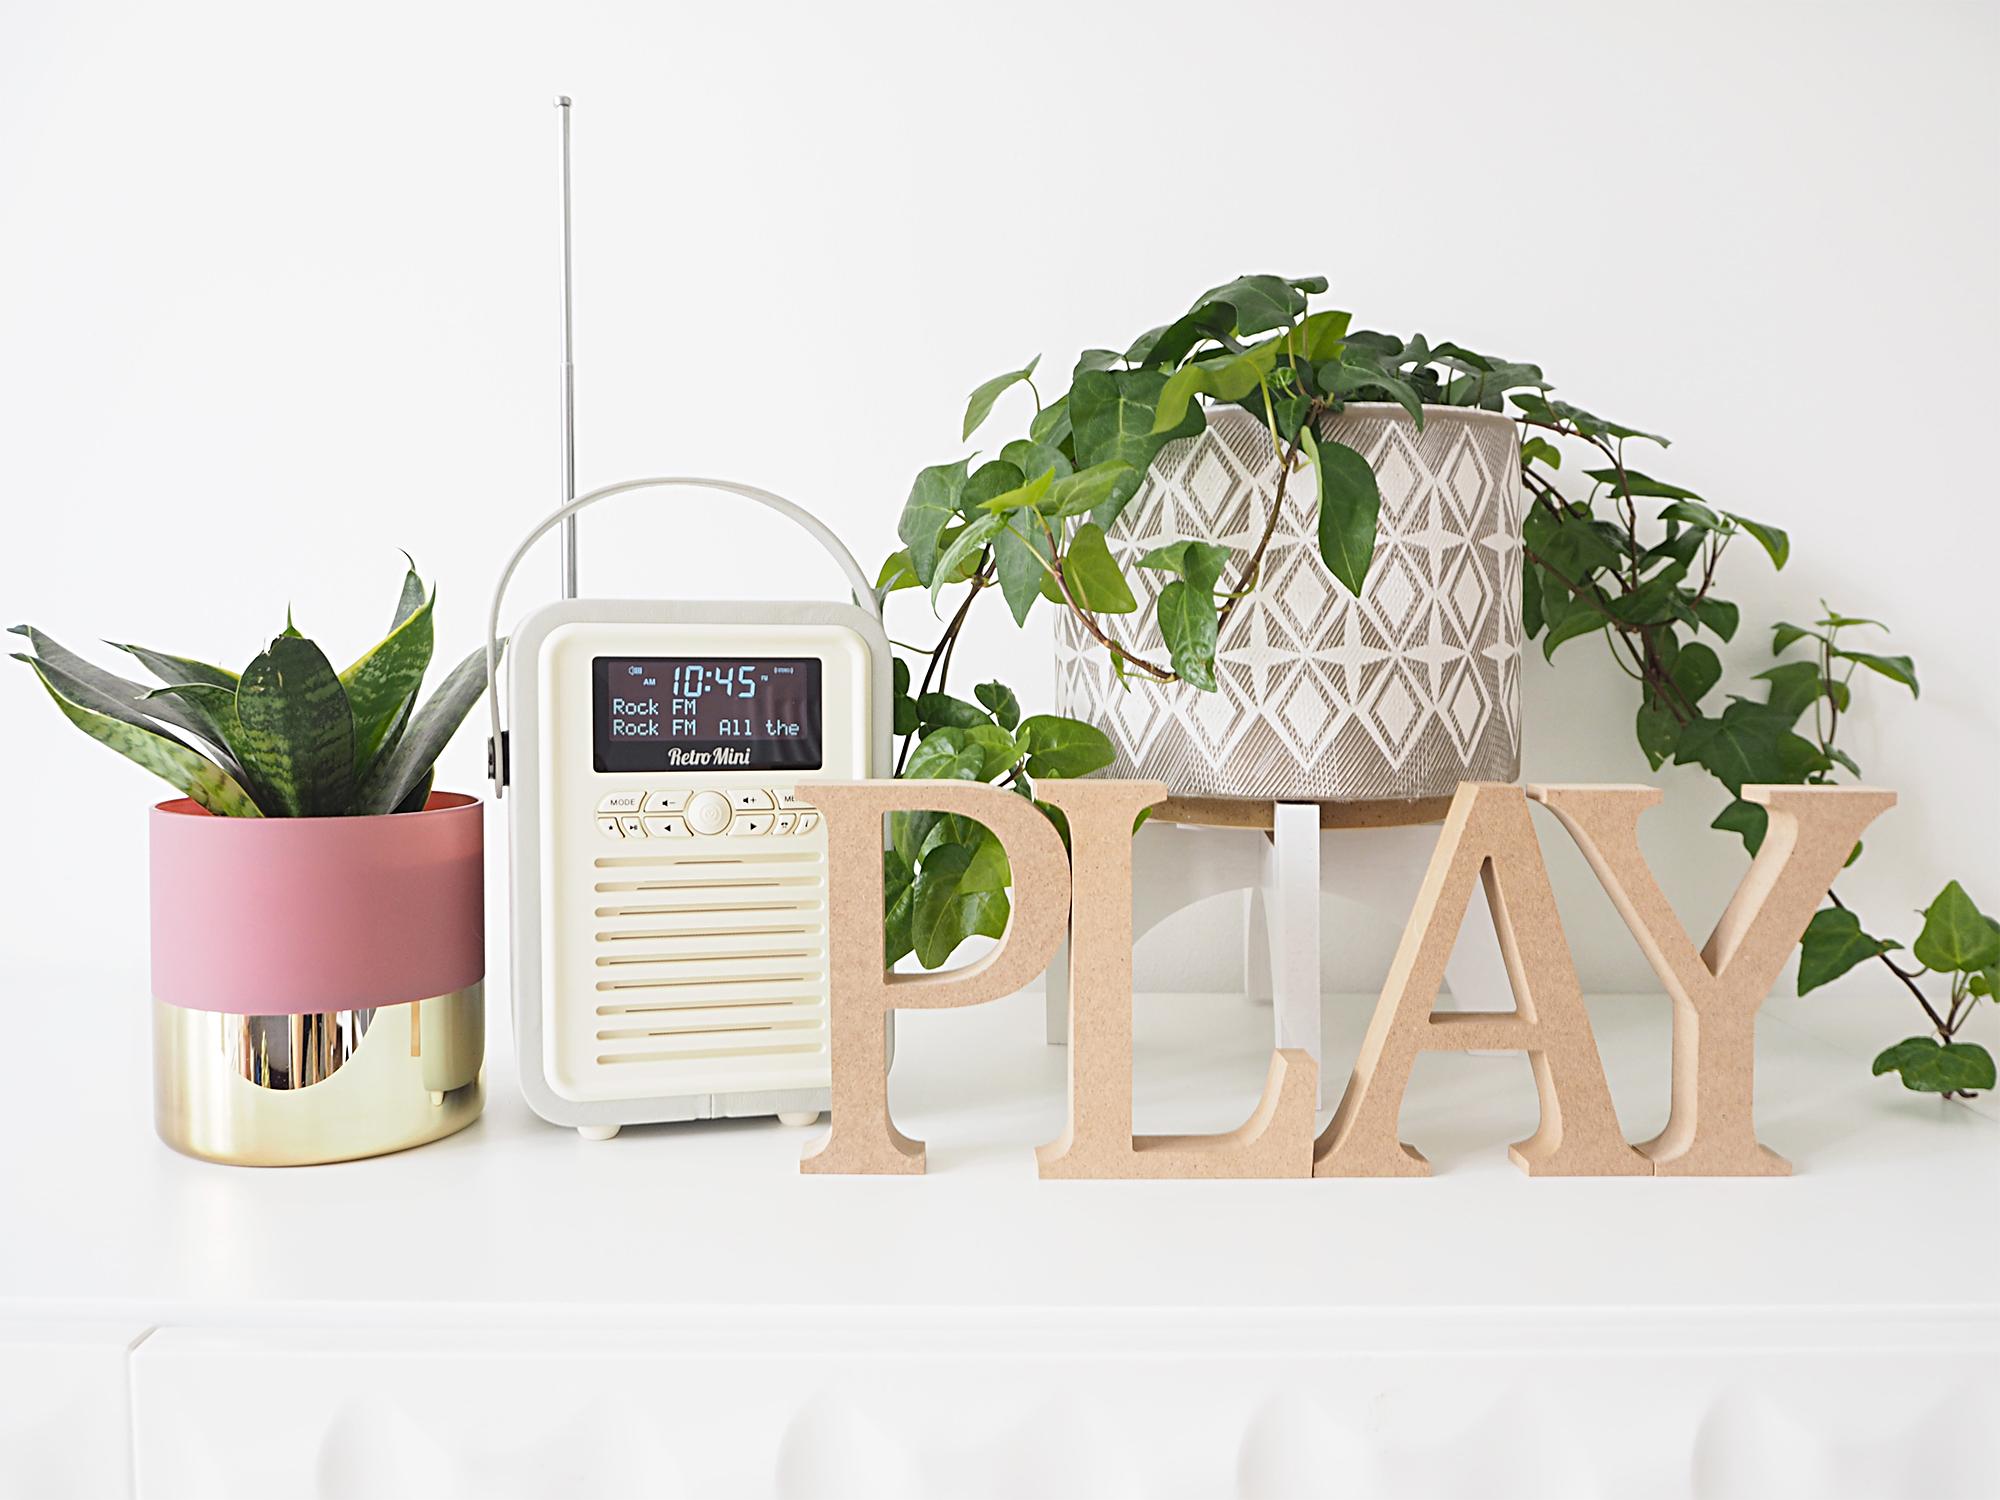 QV mini retro radio grey from QVC UK